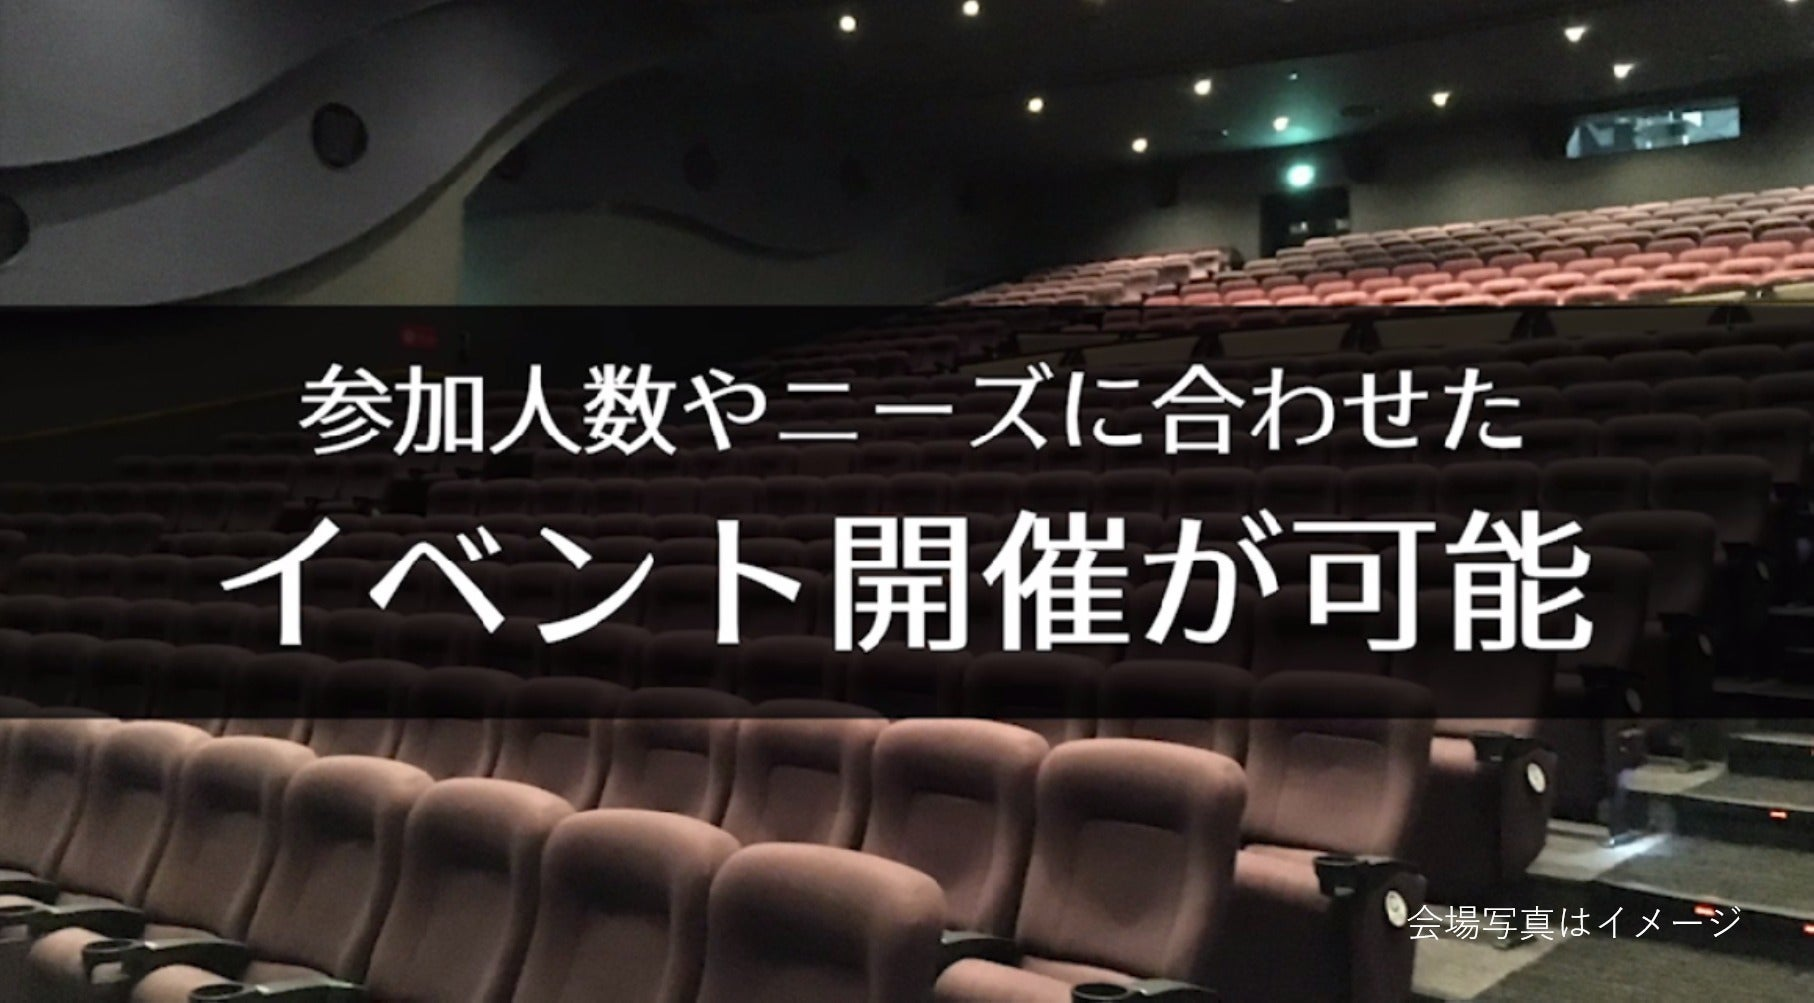 【岡崎 131席】映画館で、会社説明会、株主総会、講演会の企画はいかがですか?(ユナイテッド・シネマ岡崎) の写真0